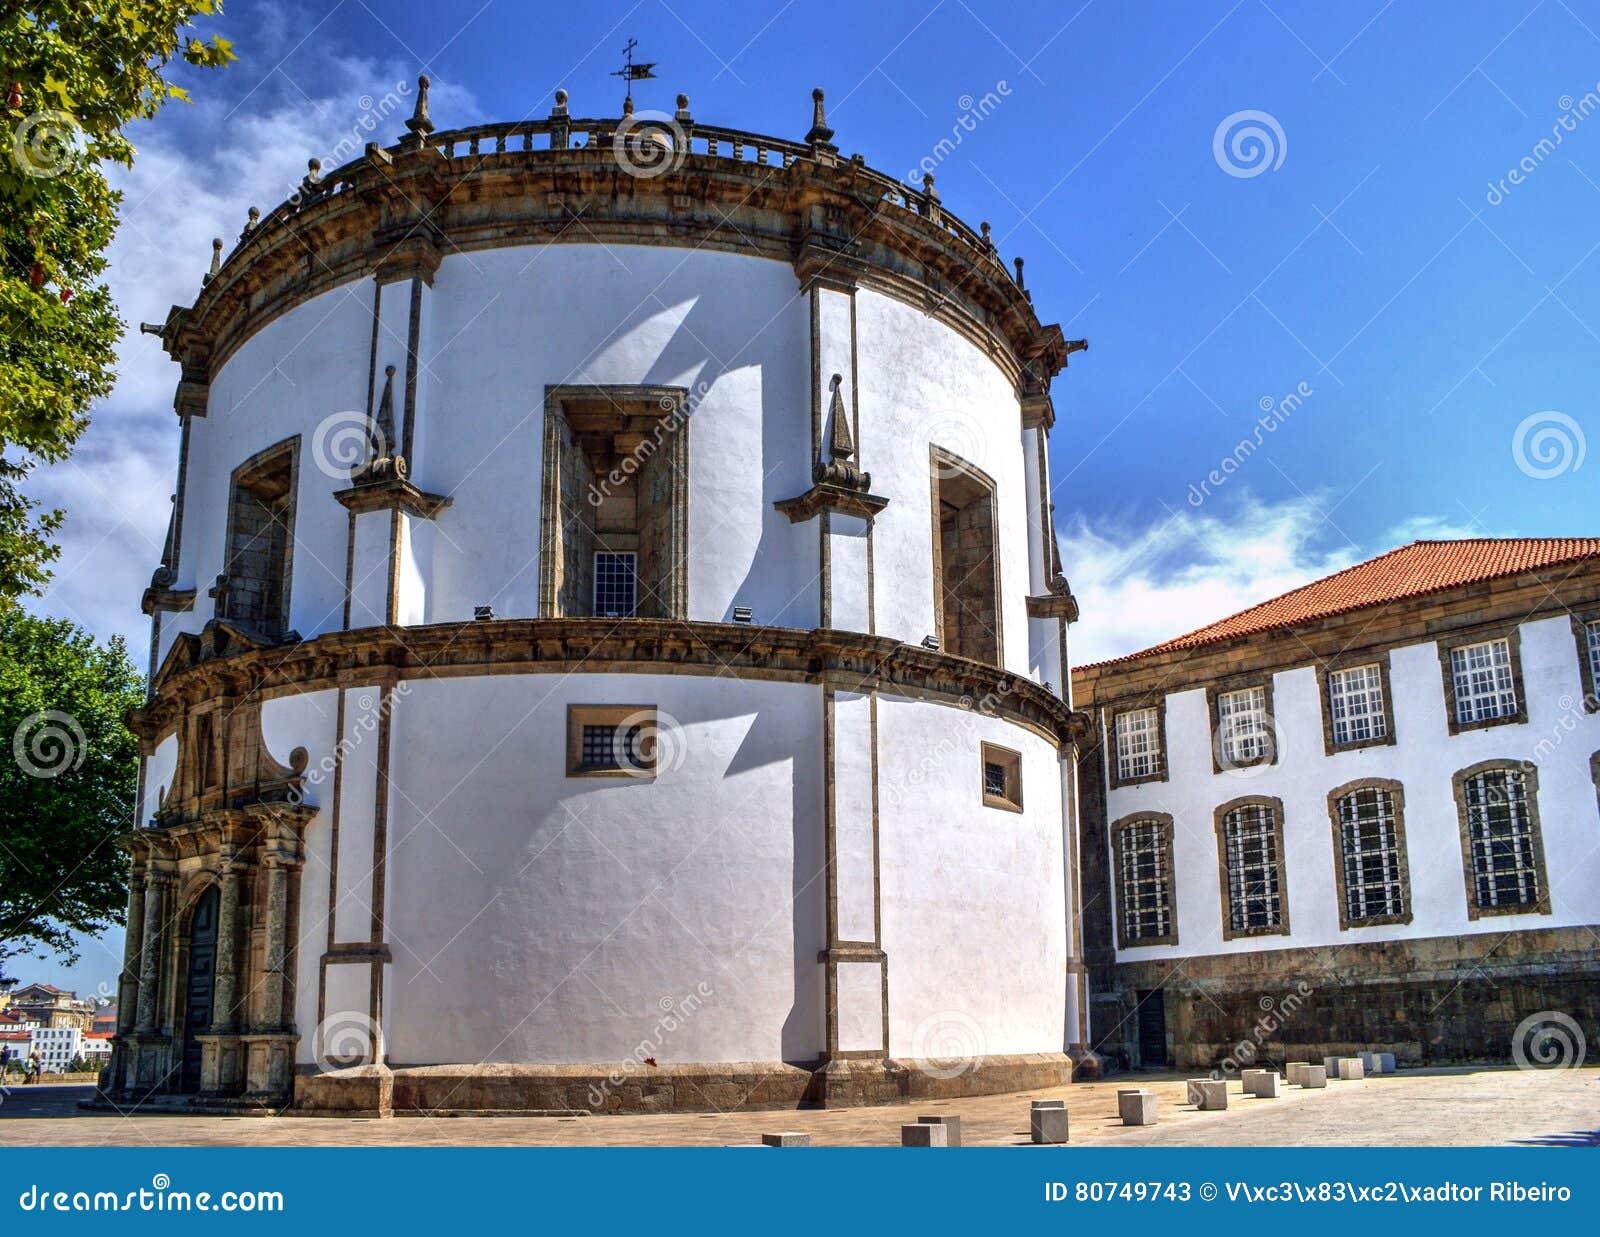 Serra do pilar monastery in Vila Nova de Gaia